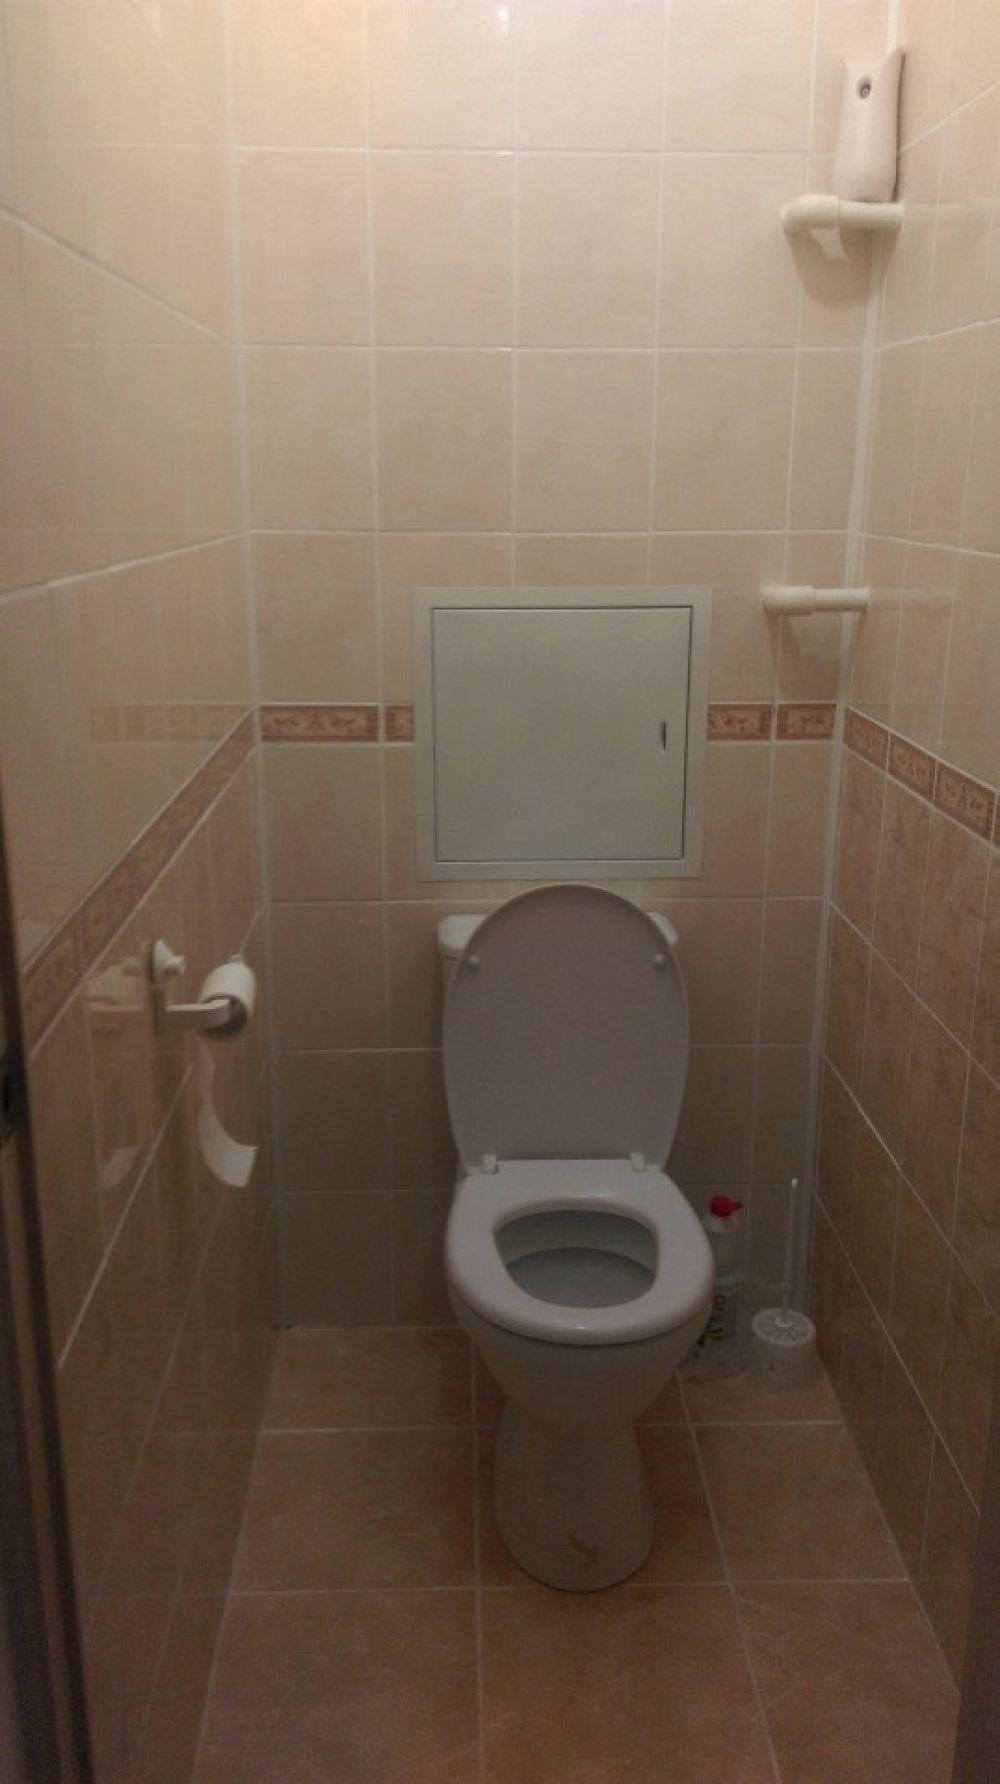 3-к квартира, Щелково, Богородский мкр, фото 3